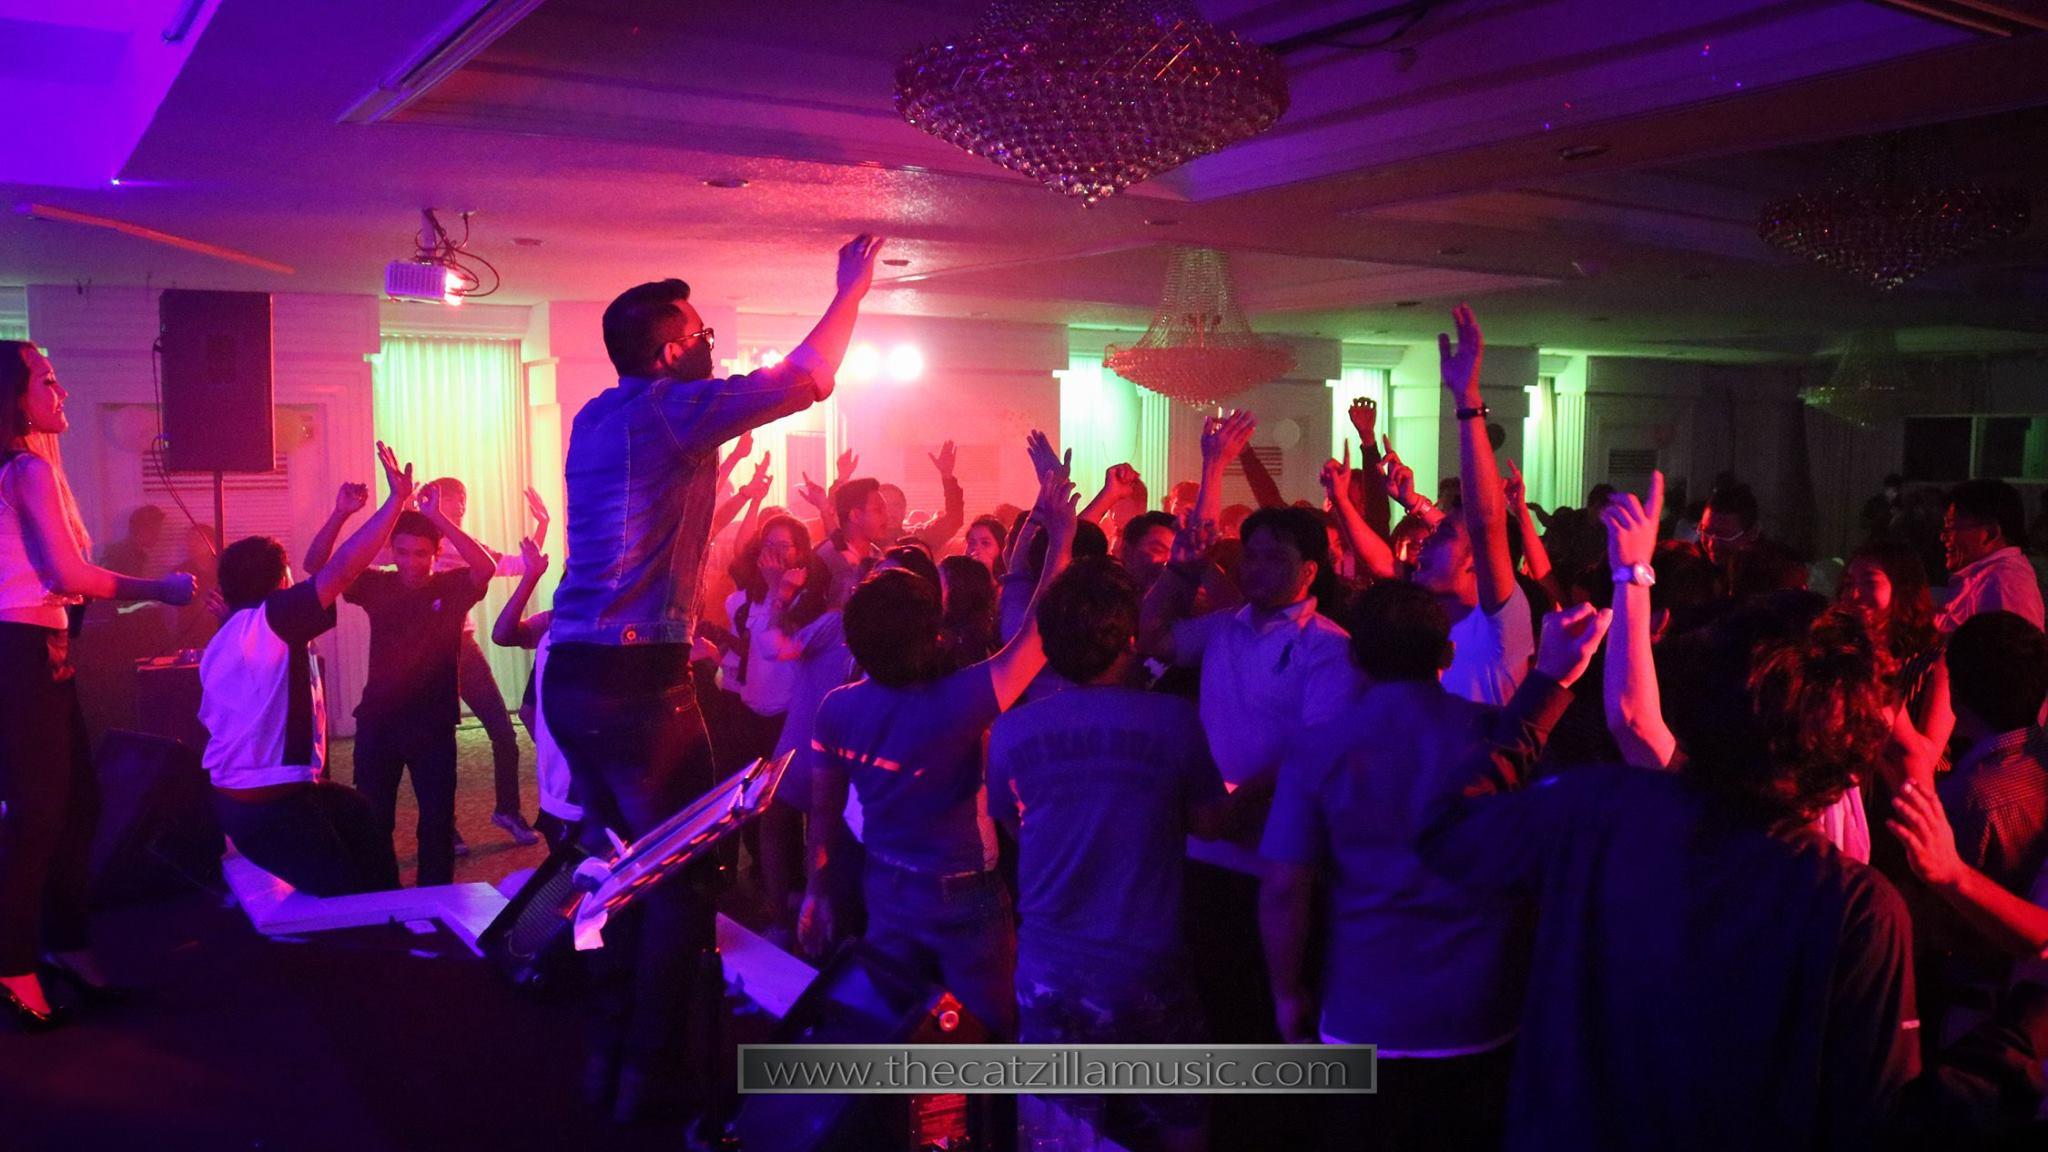 วงดนตรีงานเลี้ยง After Party งานแต่งงาน บุ๋นแบนด์ วงดนตรีสด After party wedding วงดนตรีงานแต่งงาน thecatzillamusic Avana 8